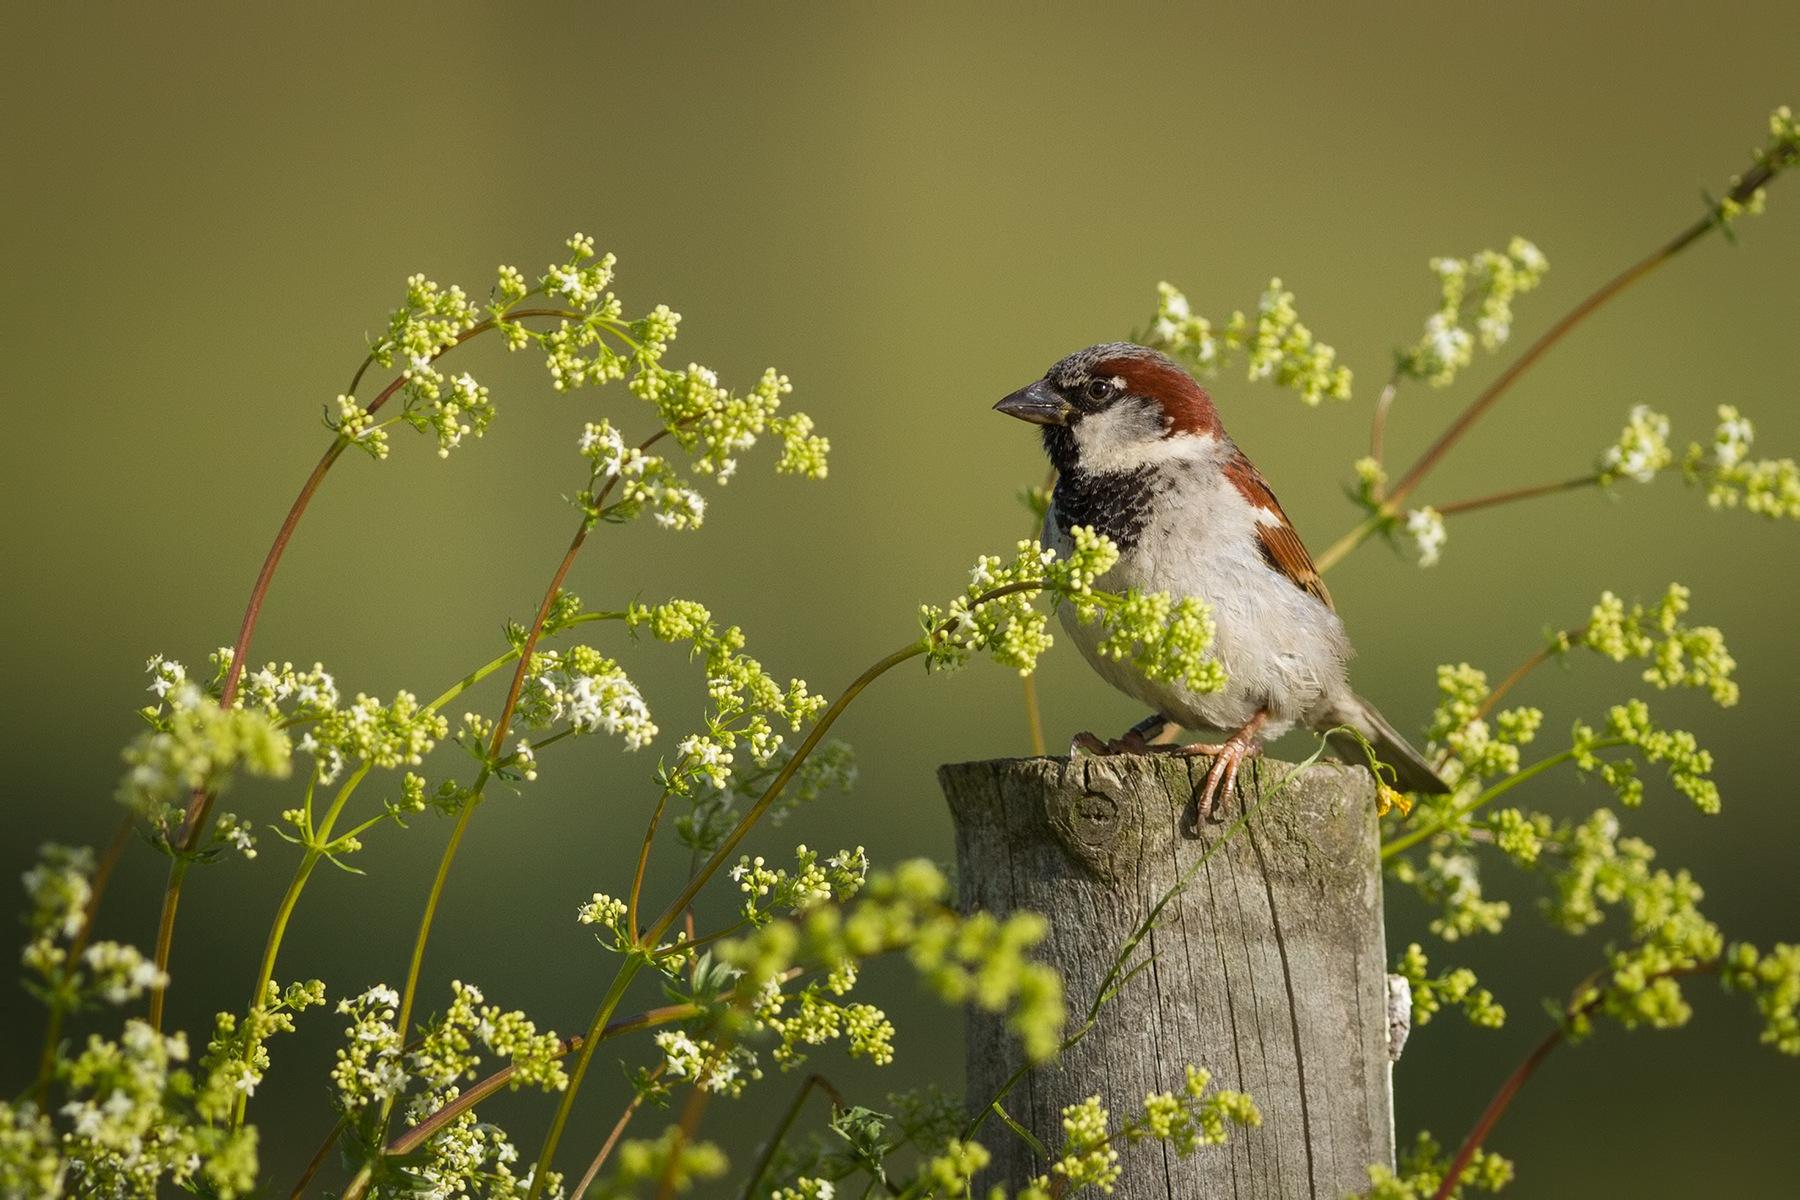 House Sparrow by Jarmo Viippola